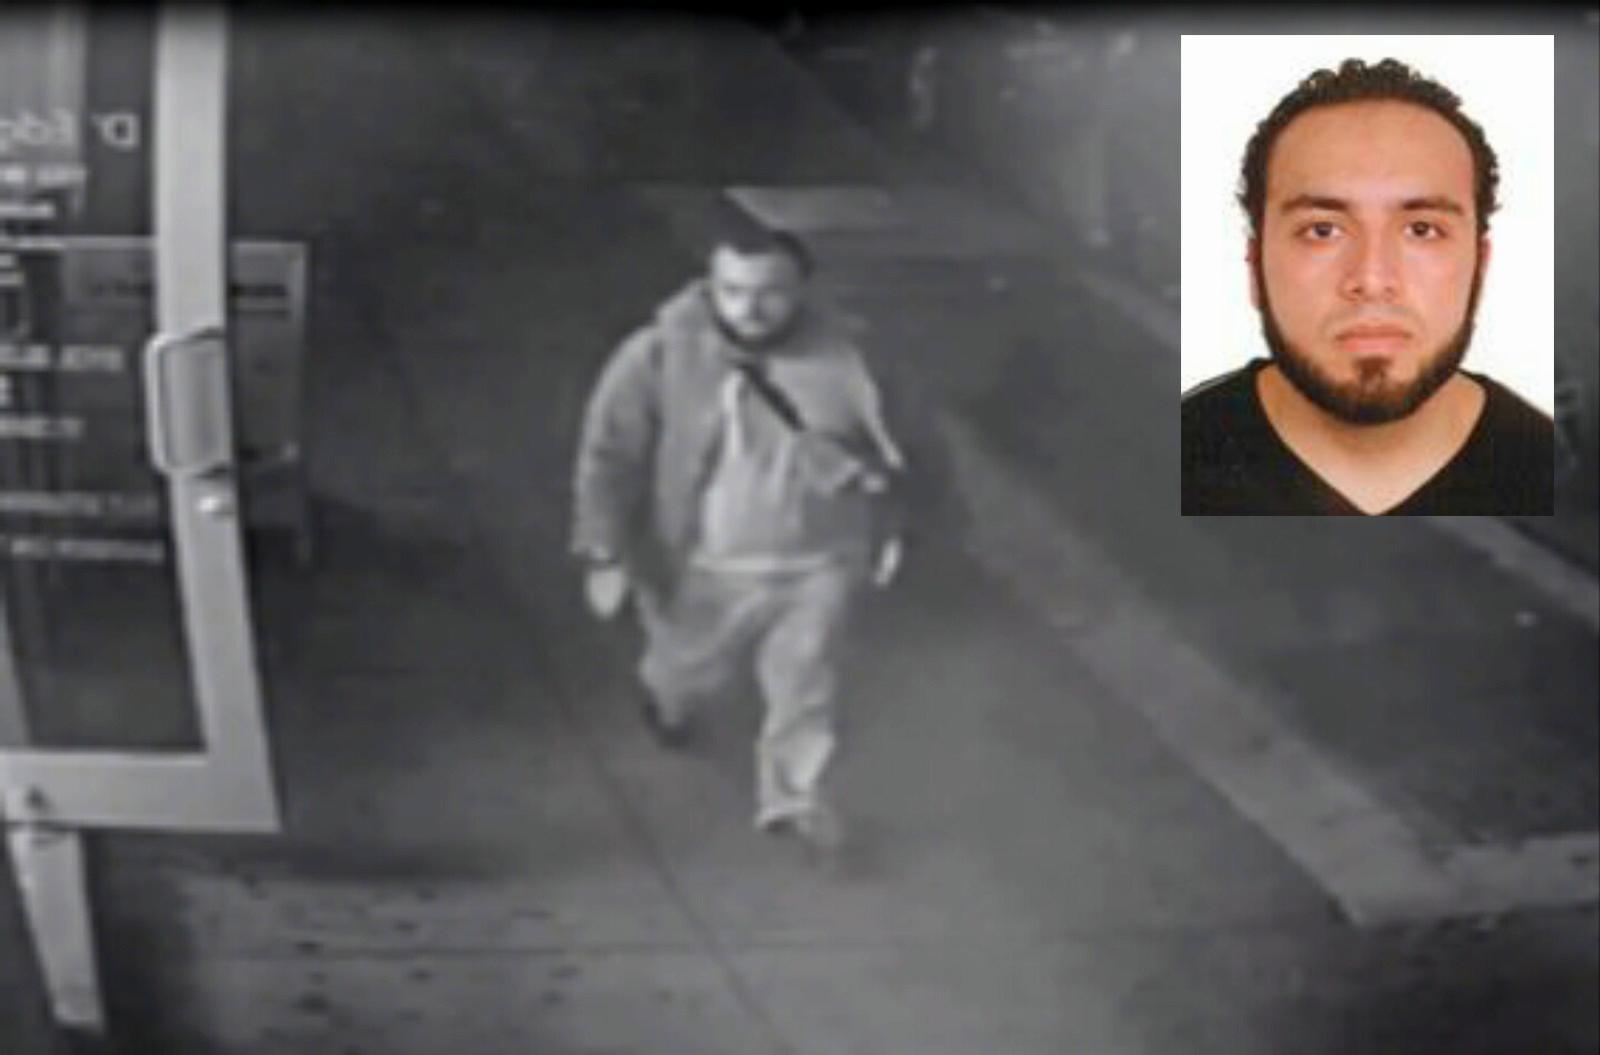 Ahmad Khan Rahami, identificado como sospechoso de la explosión de Nueva York